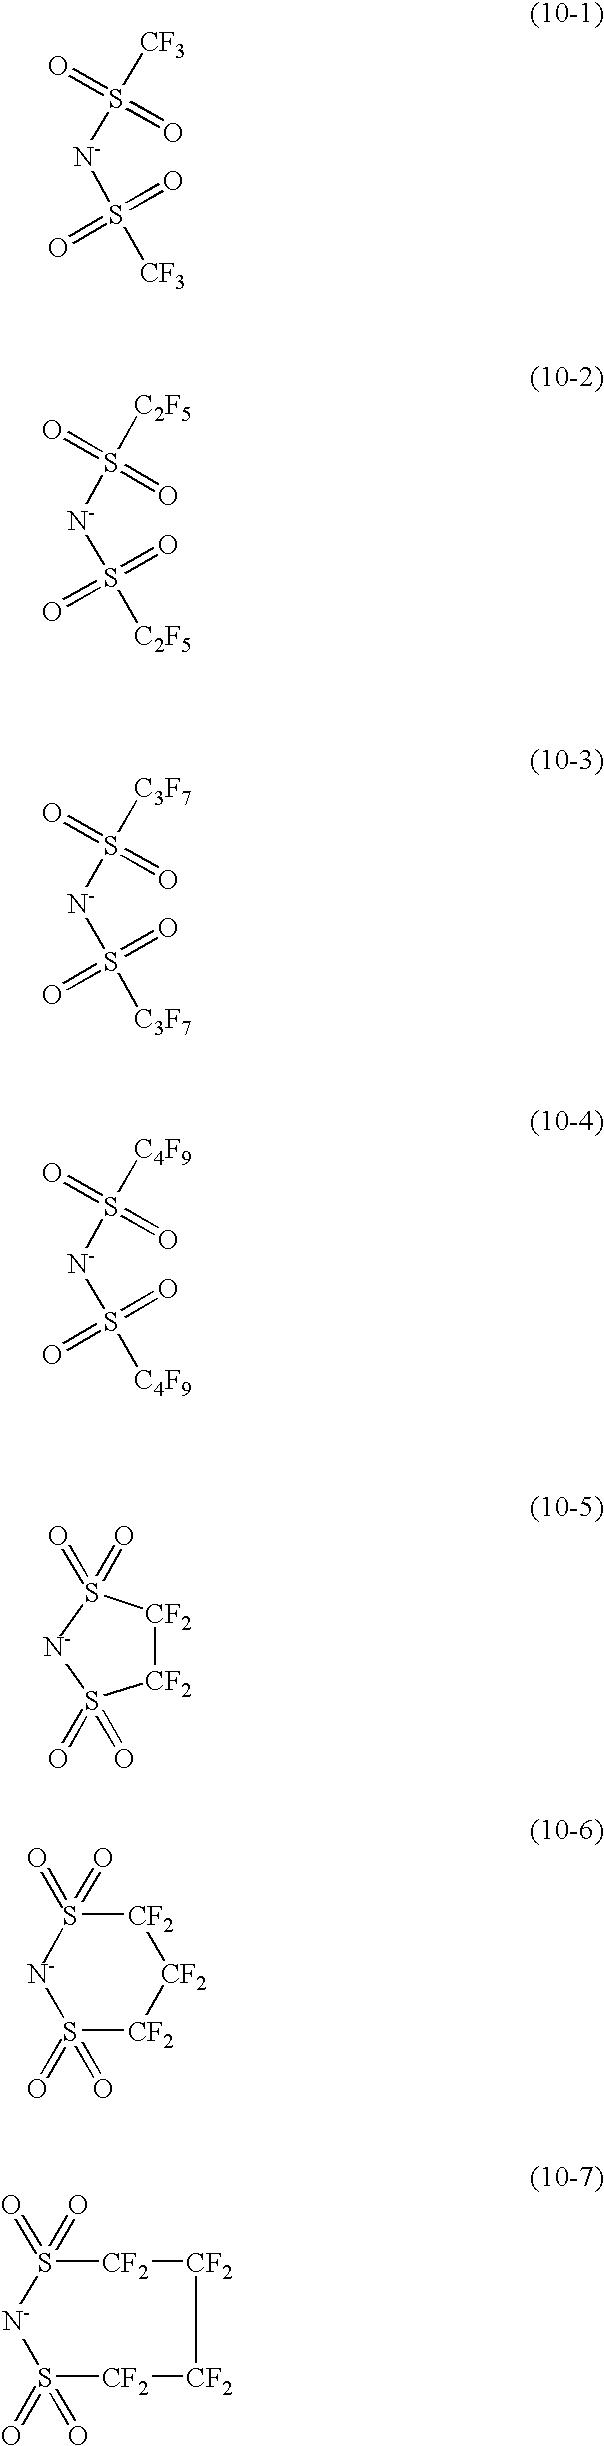 Figure US20100068650A1-20100318-C00023